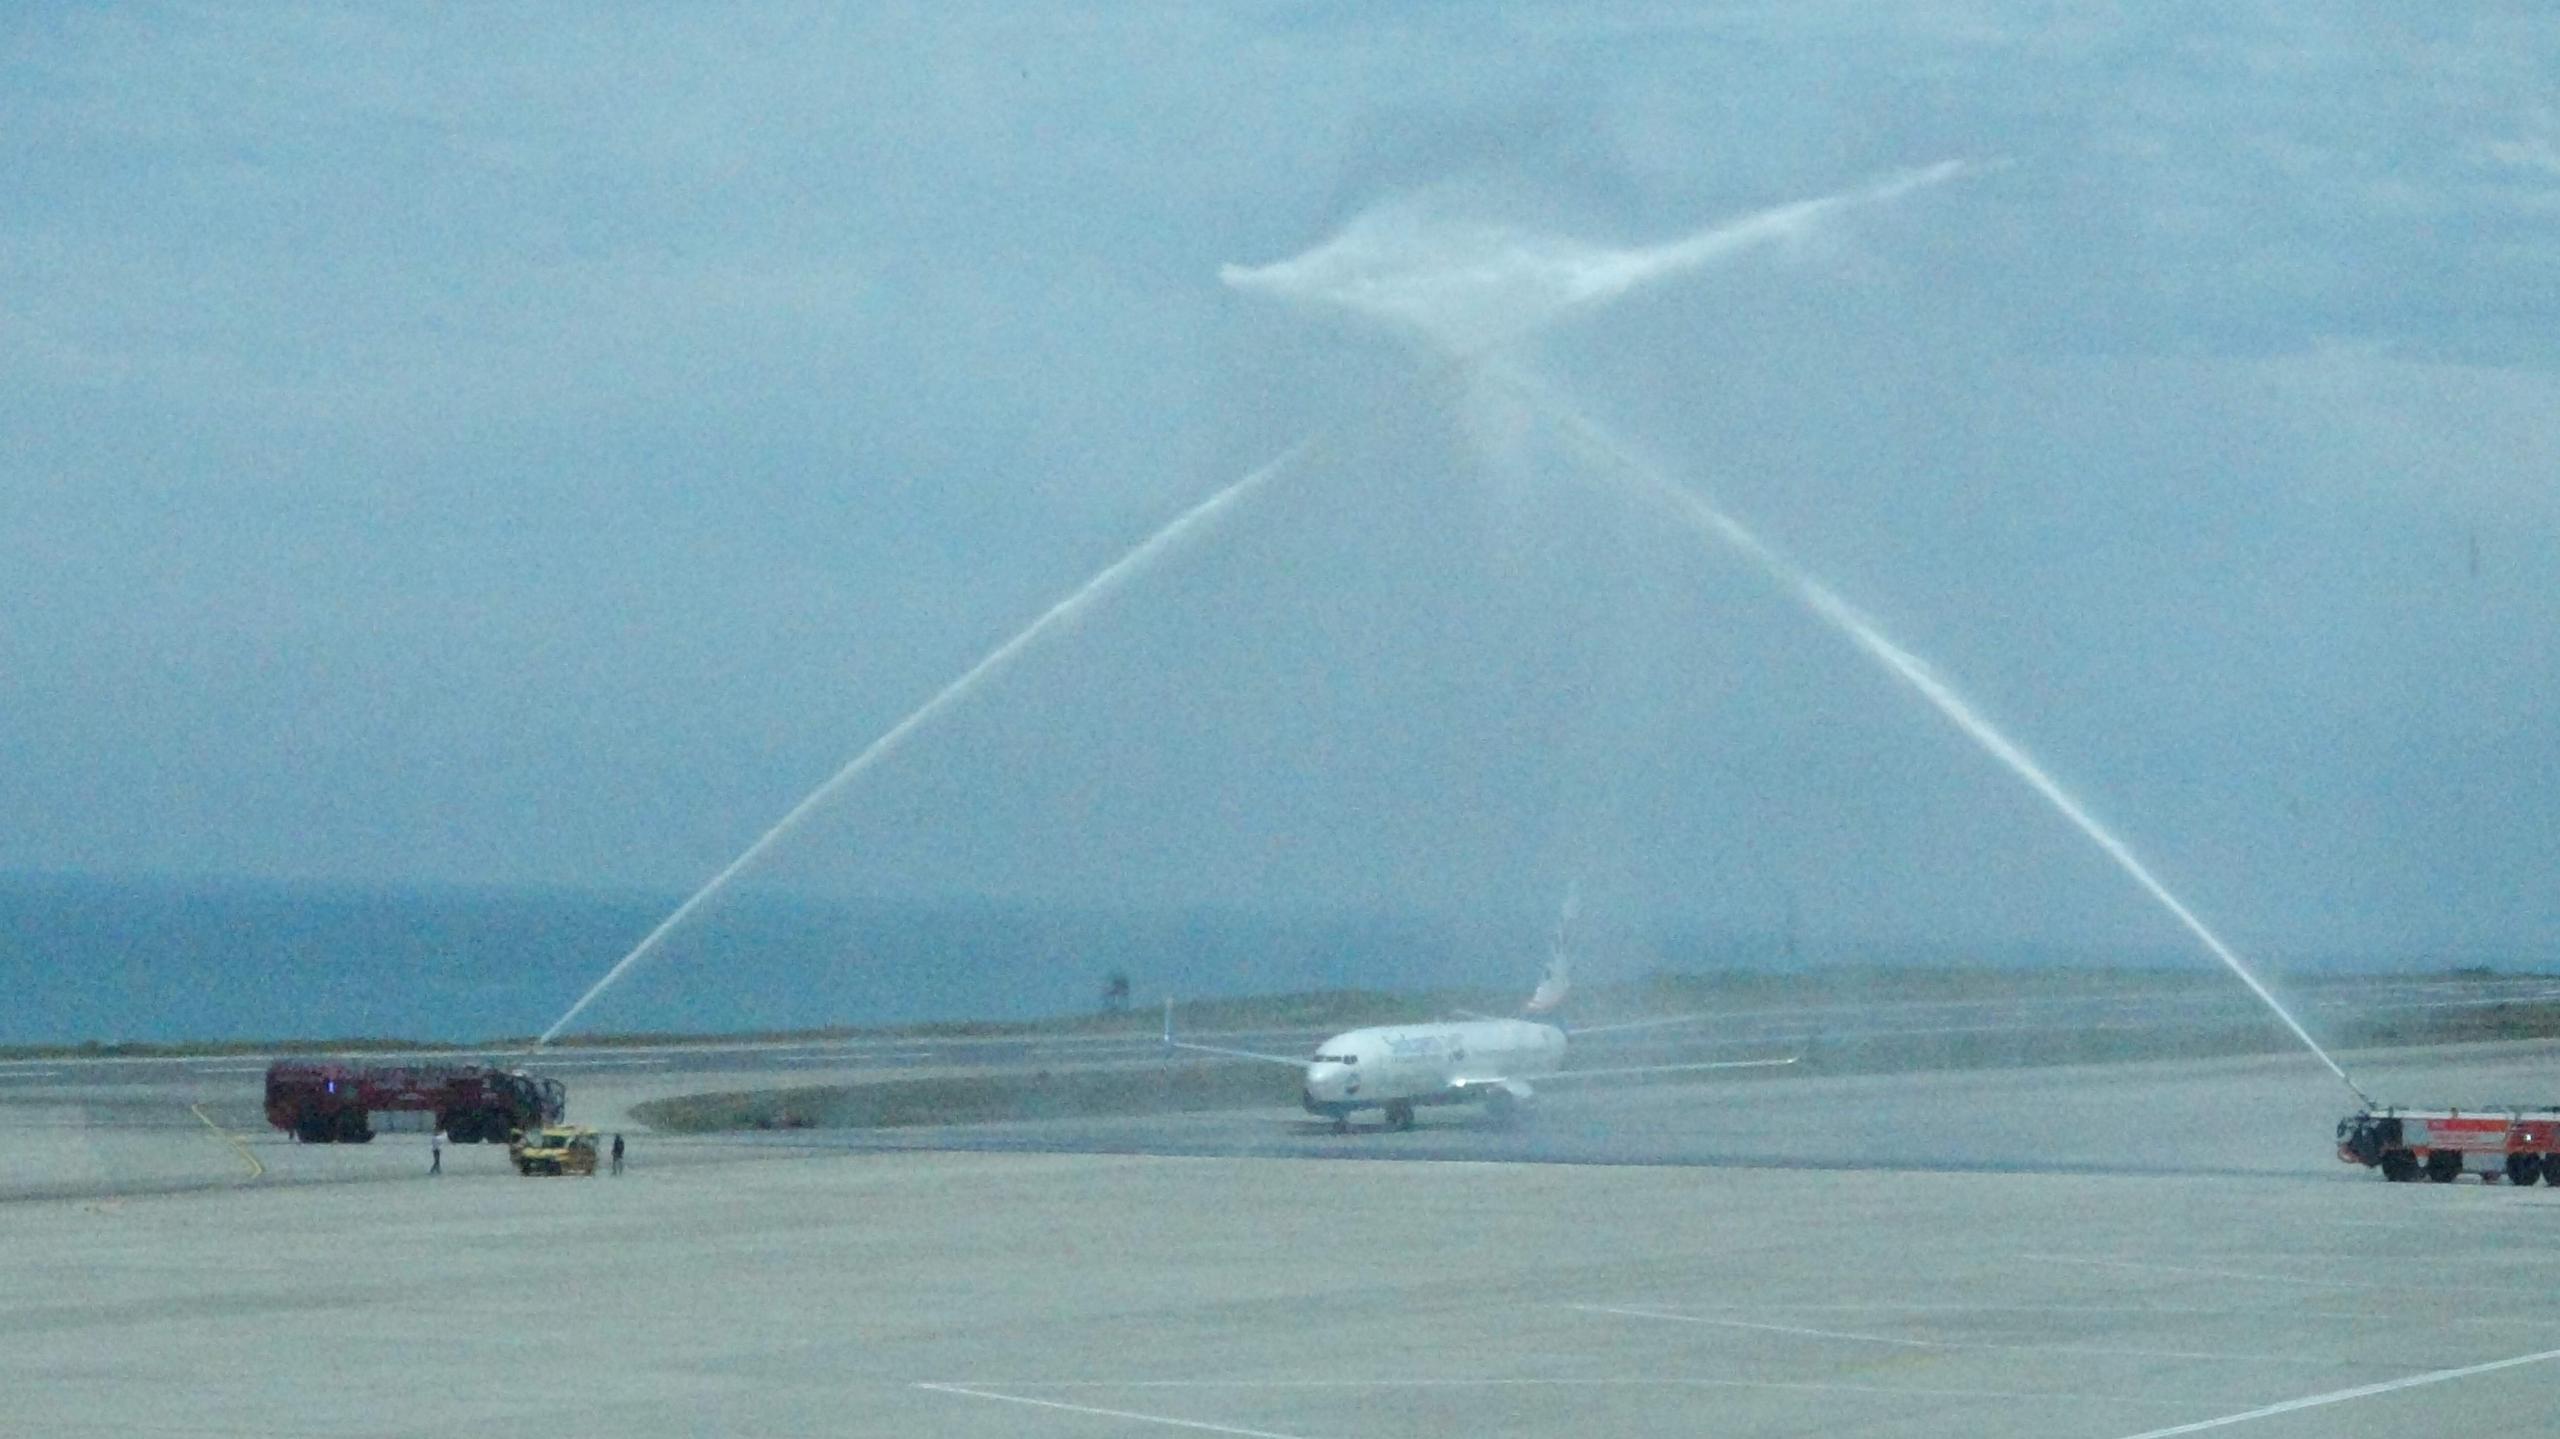 Korona virüs sürecinin ardından Trabzon Havalimanı'na uzun bir zaman sonra ilk tarifeli uçak seferi dün gerçekleşti